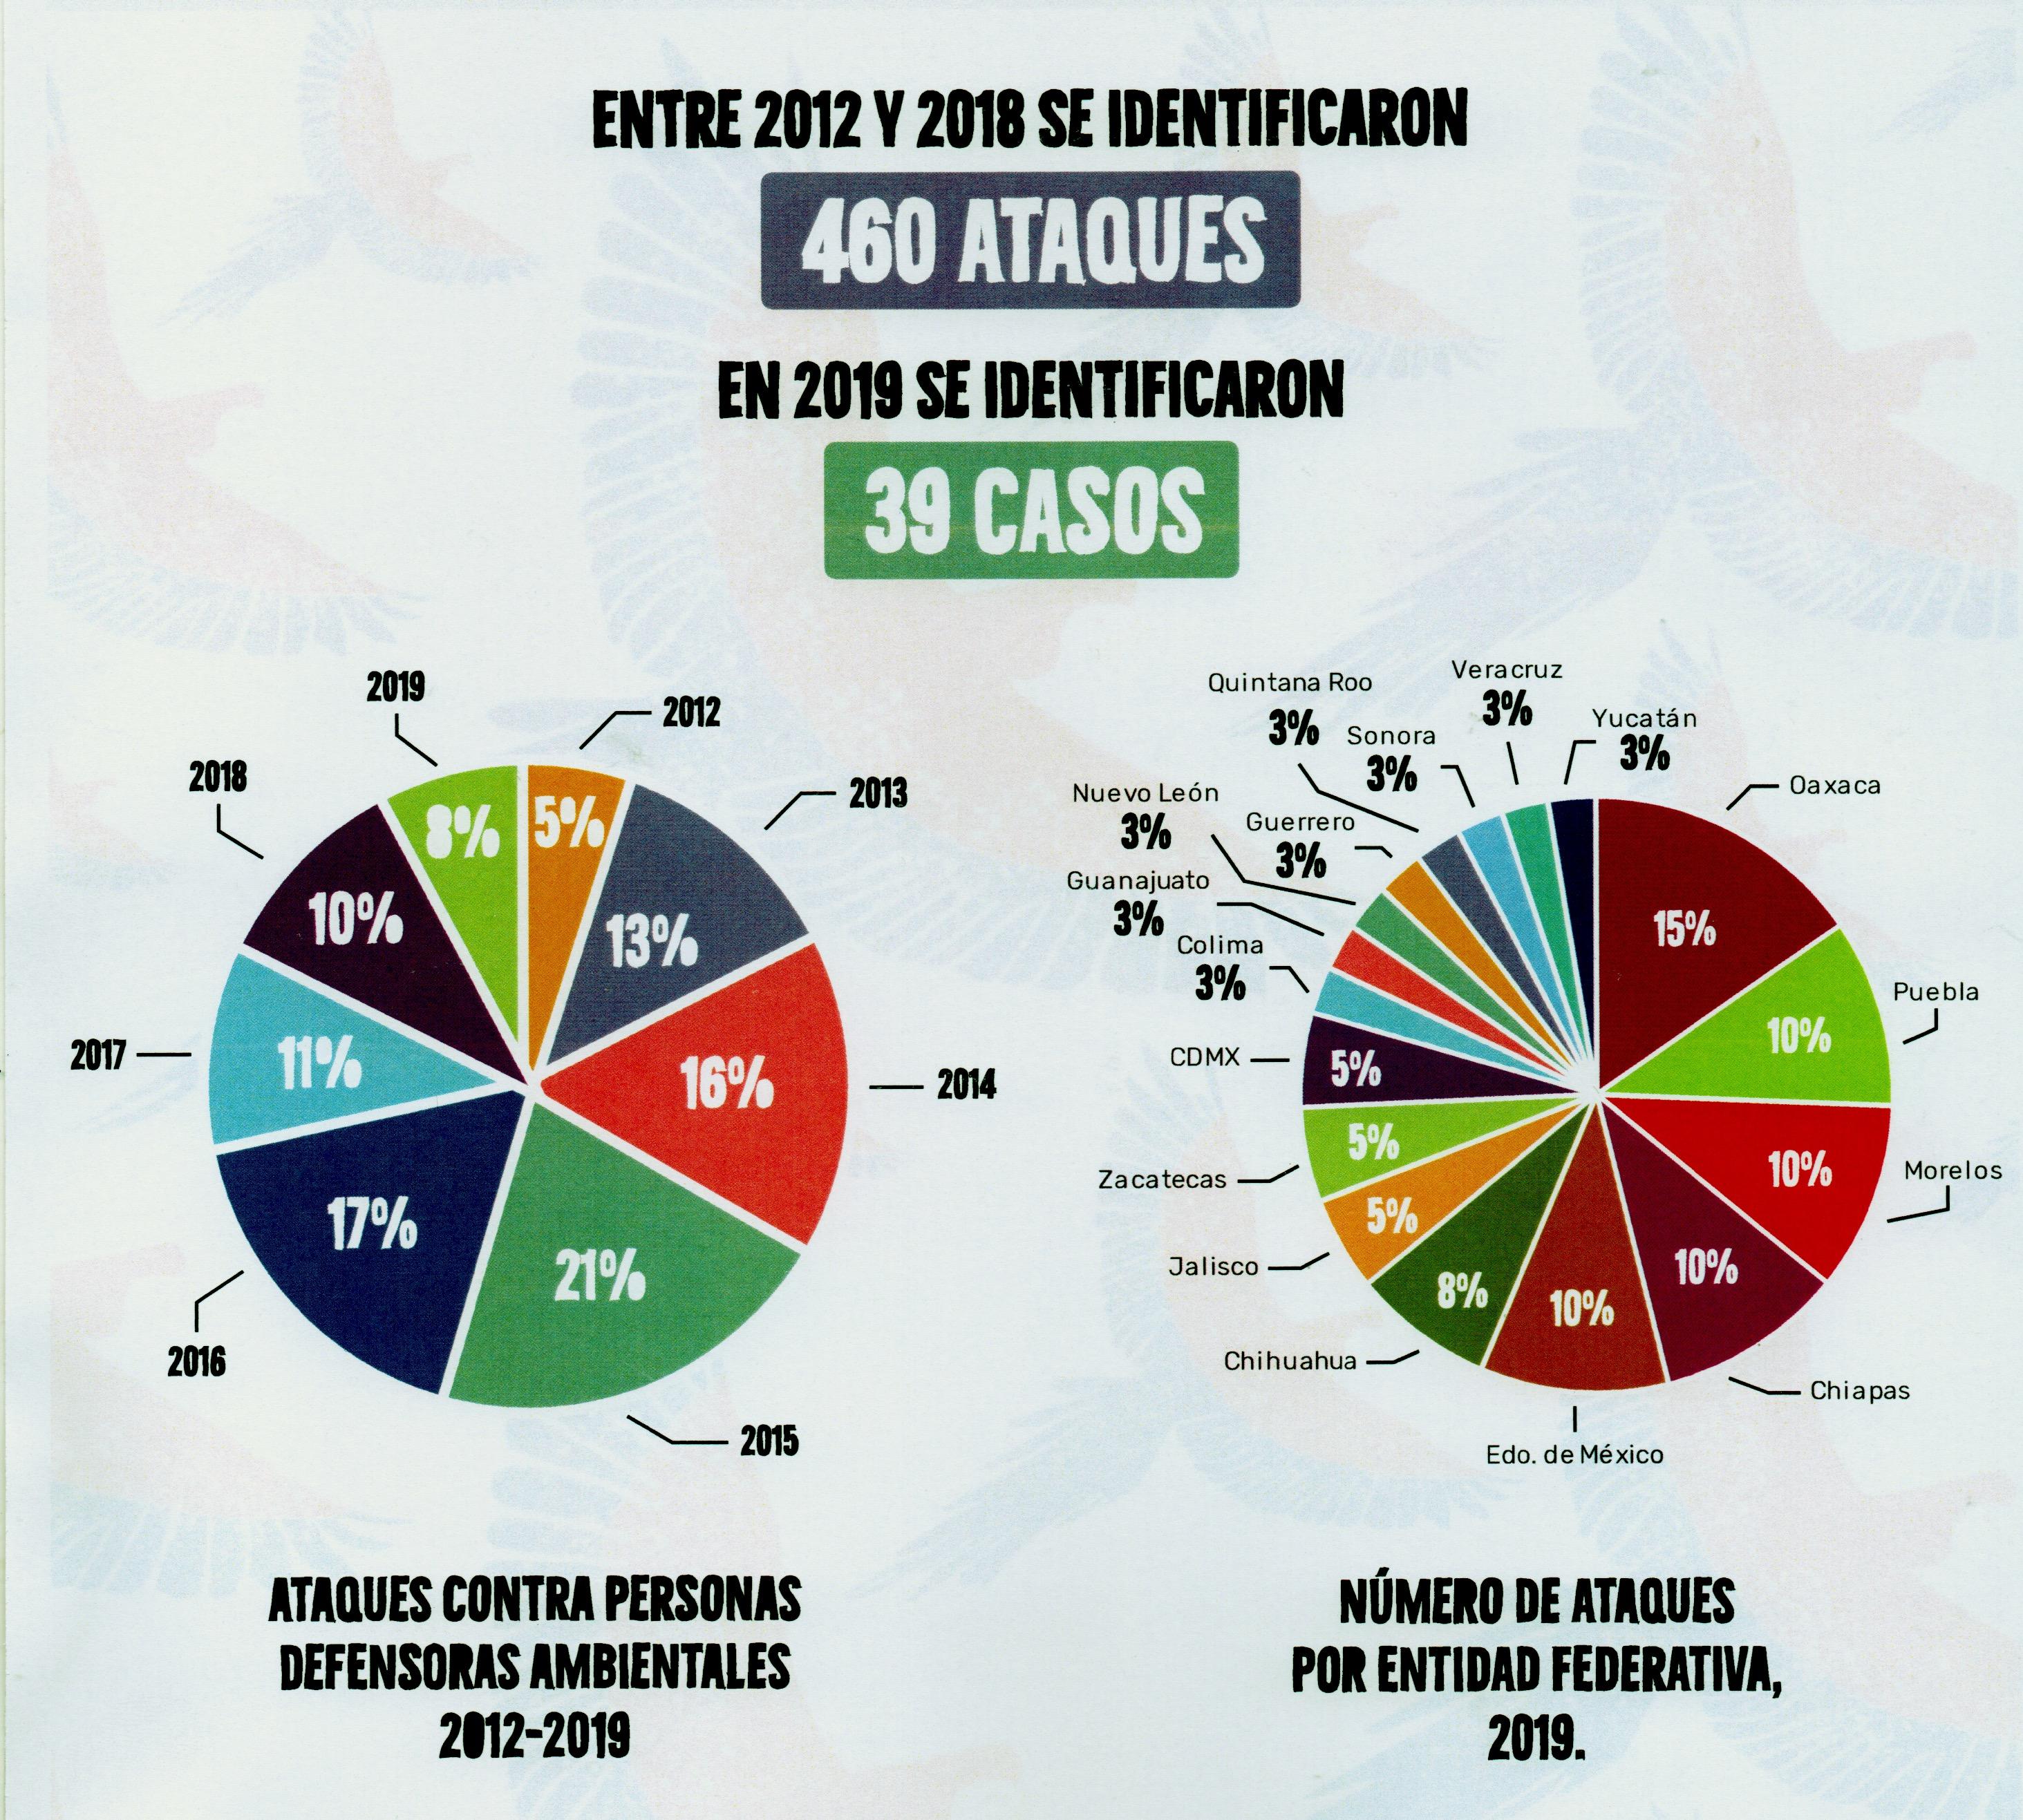 Agresiones a defensores México 2012-2019